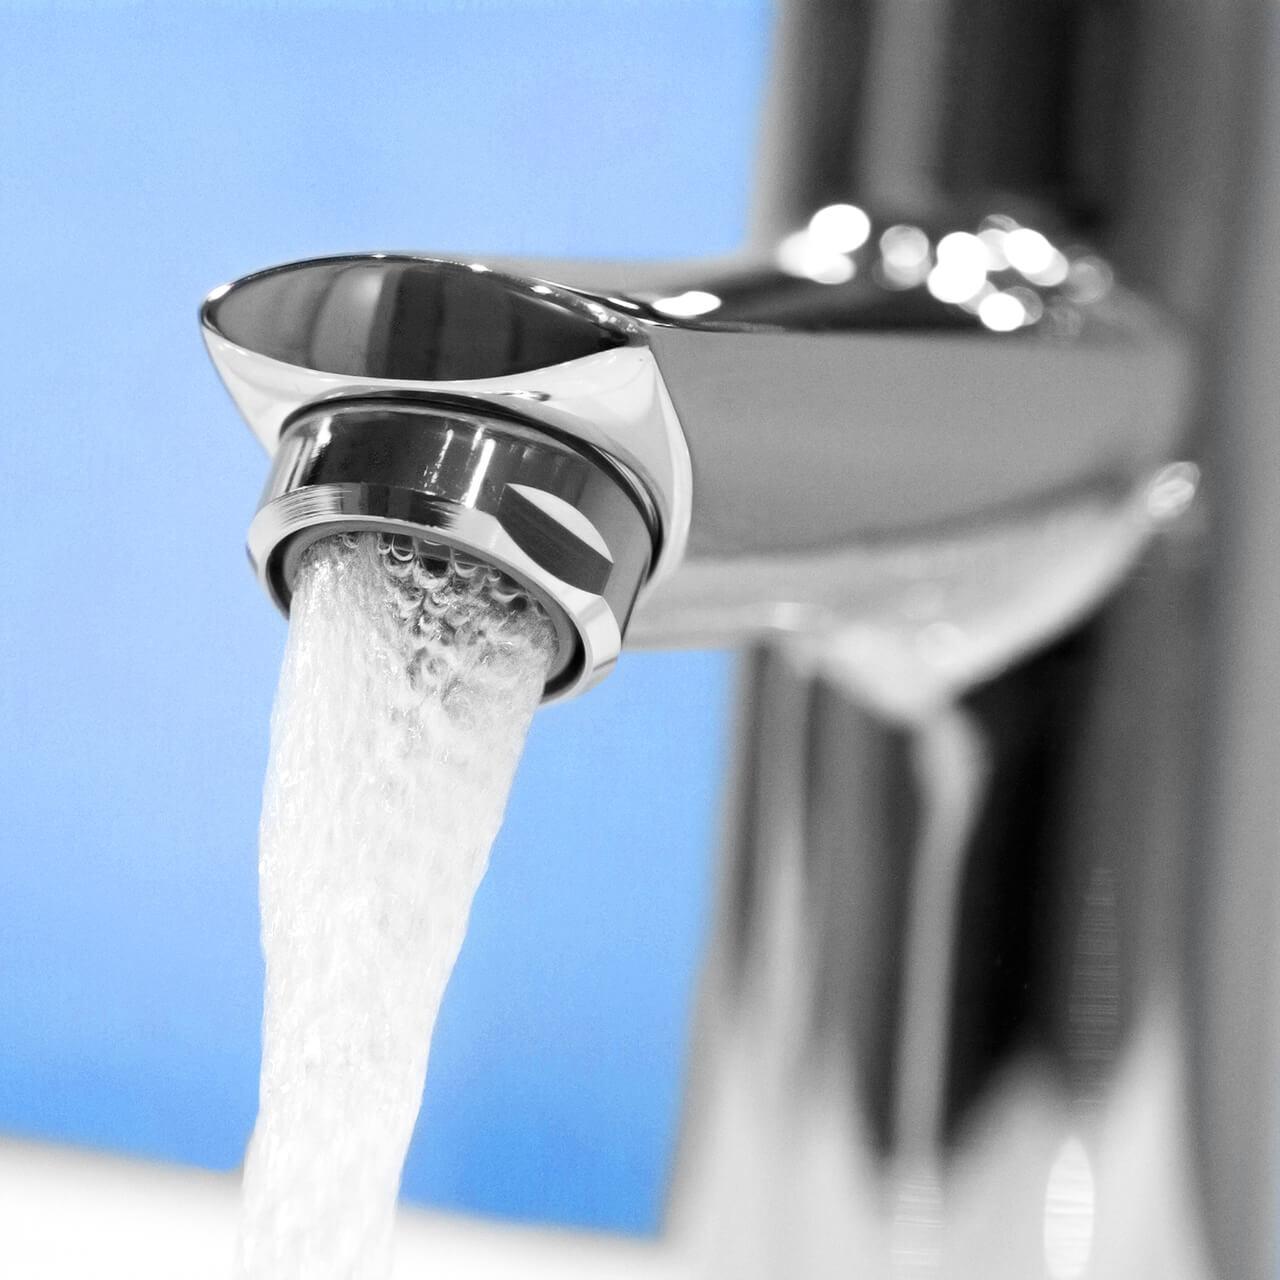 Aérateur économique d'eau Terla FreeLime 1.7 l/min - Filetage